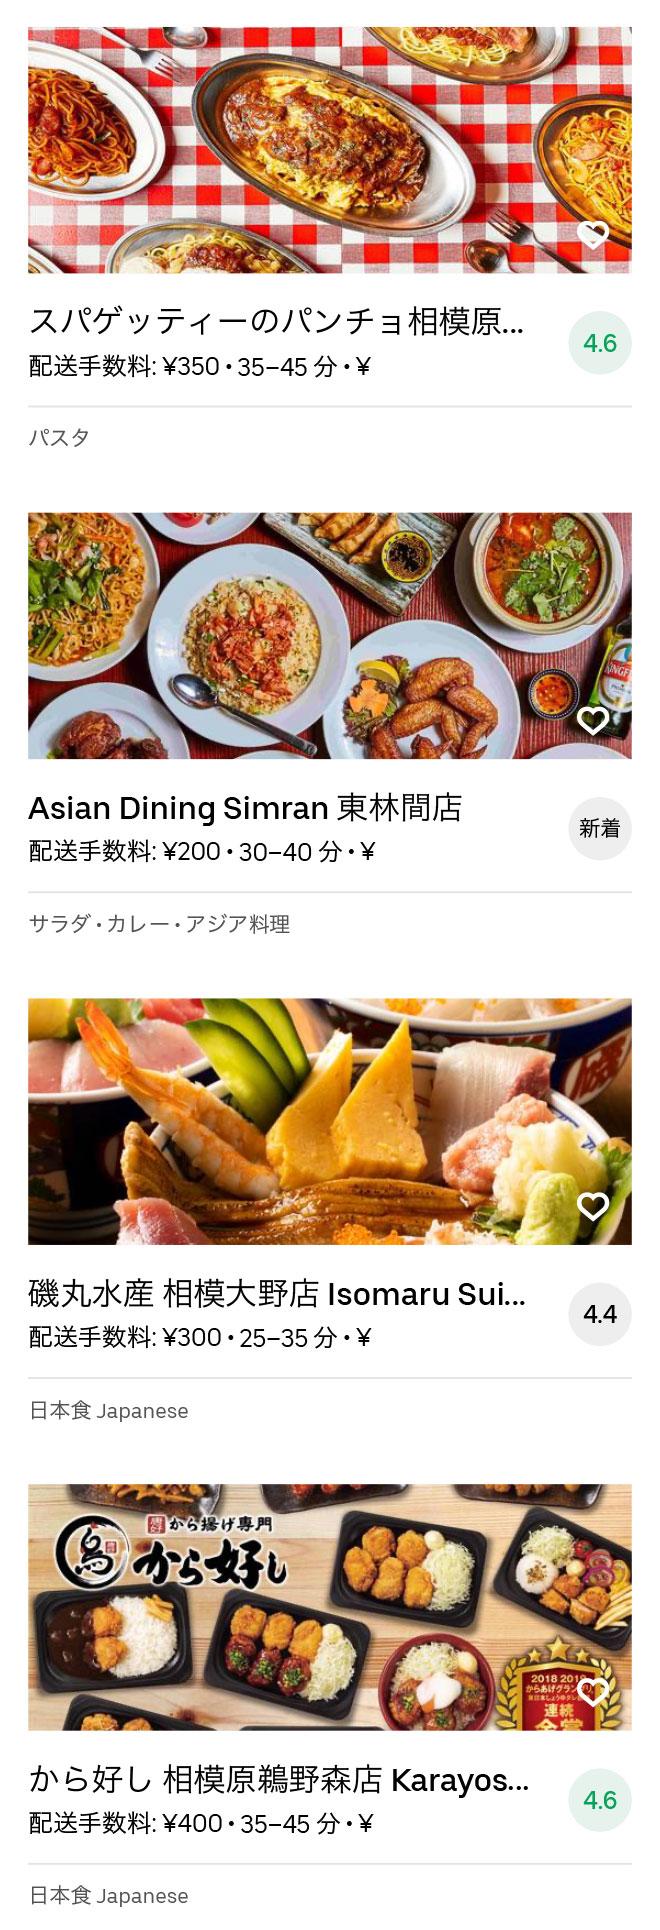 Odakyu sagamihara menu 2008 05